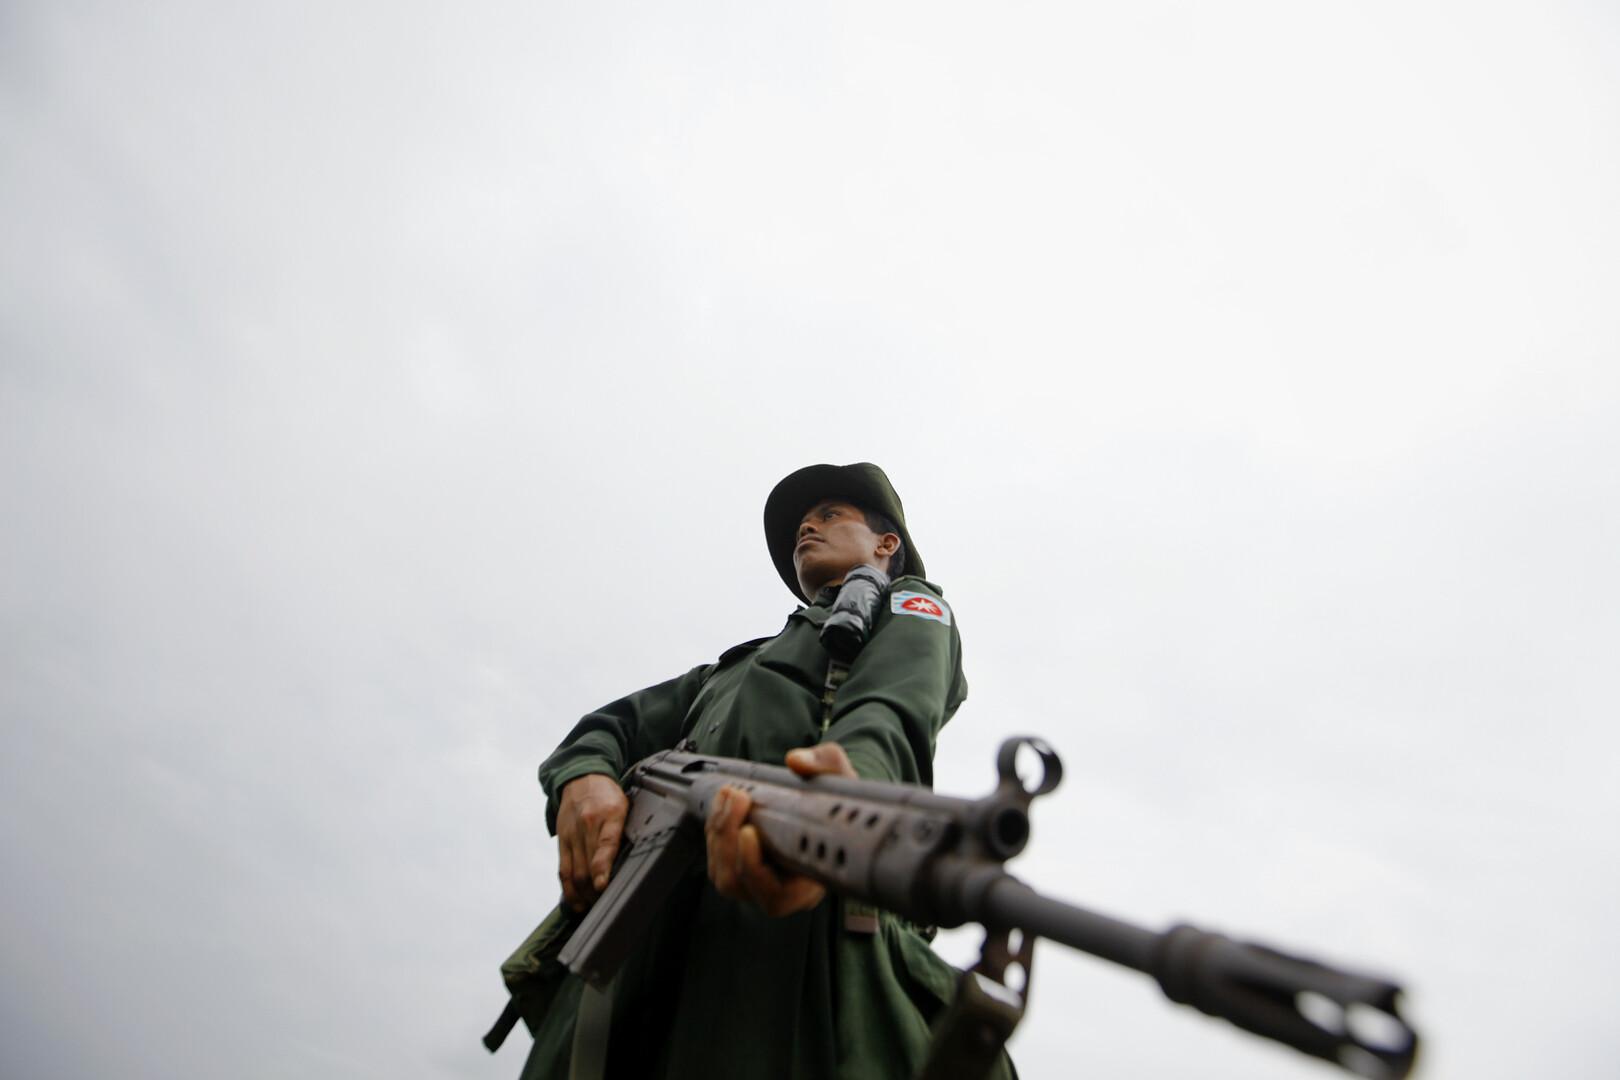 متمردو روهينغا ميانمار يعلنون مقتل عدد من الرهائن لديهم بقصف حكومي